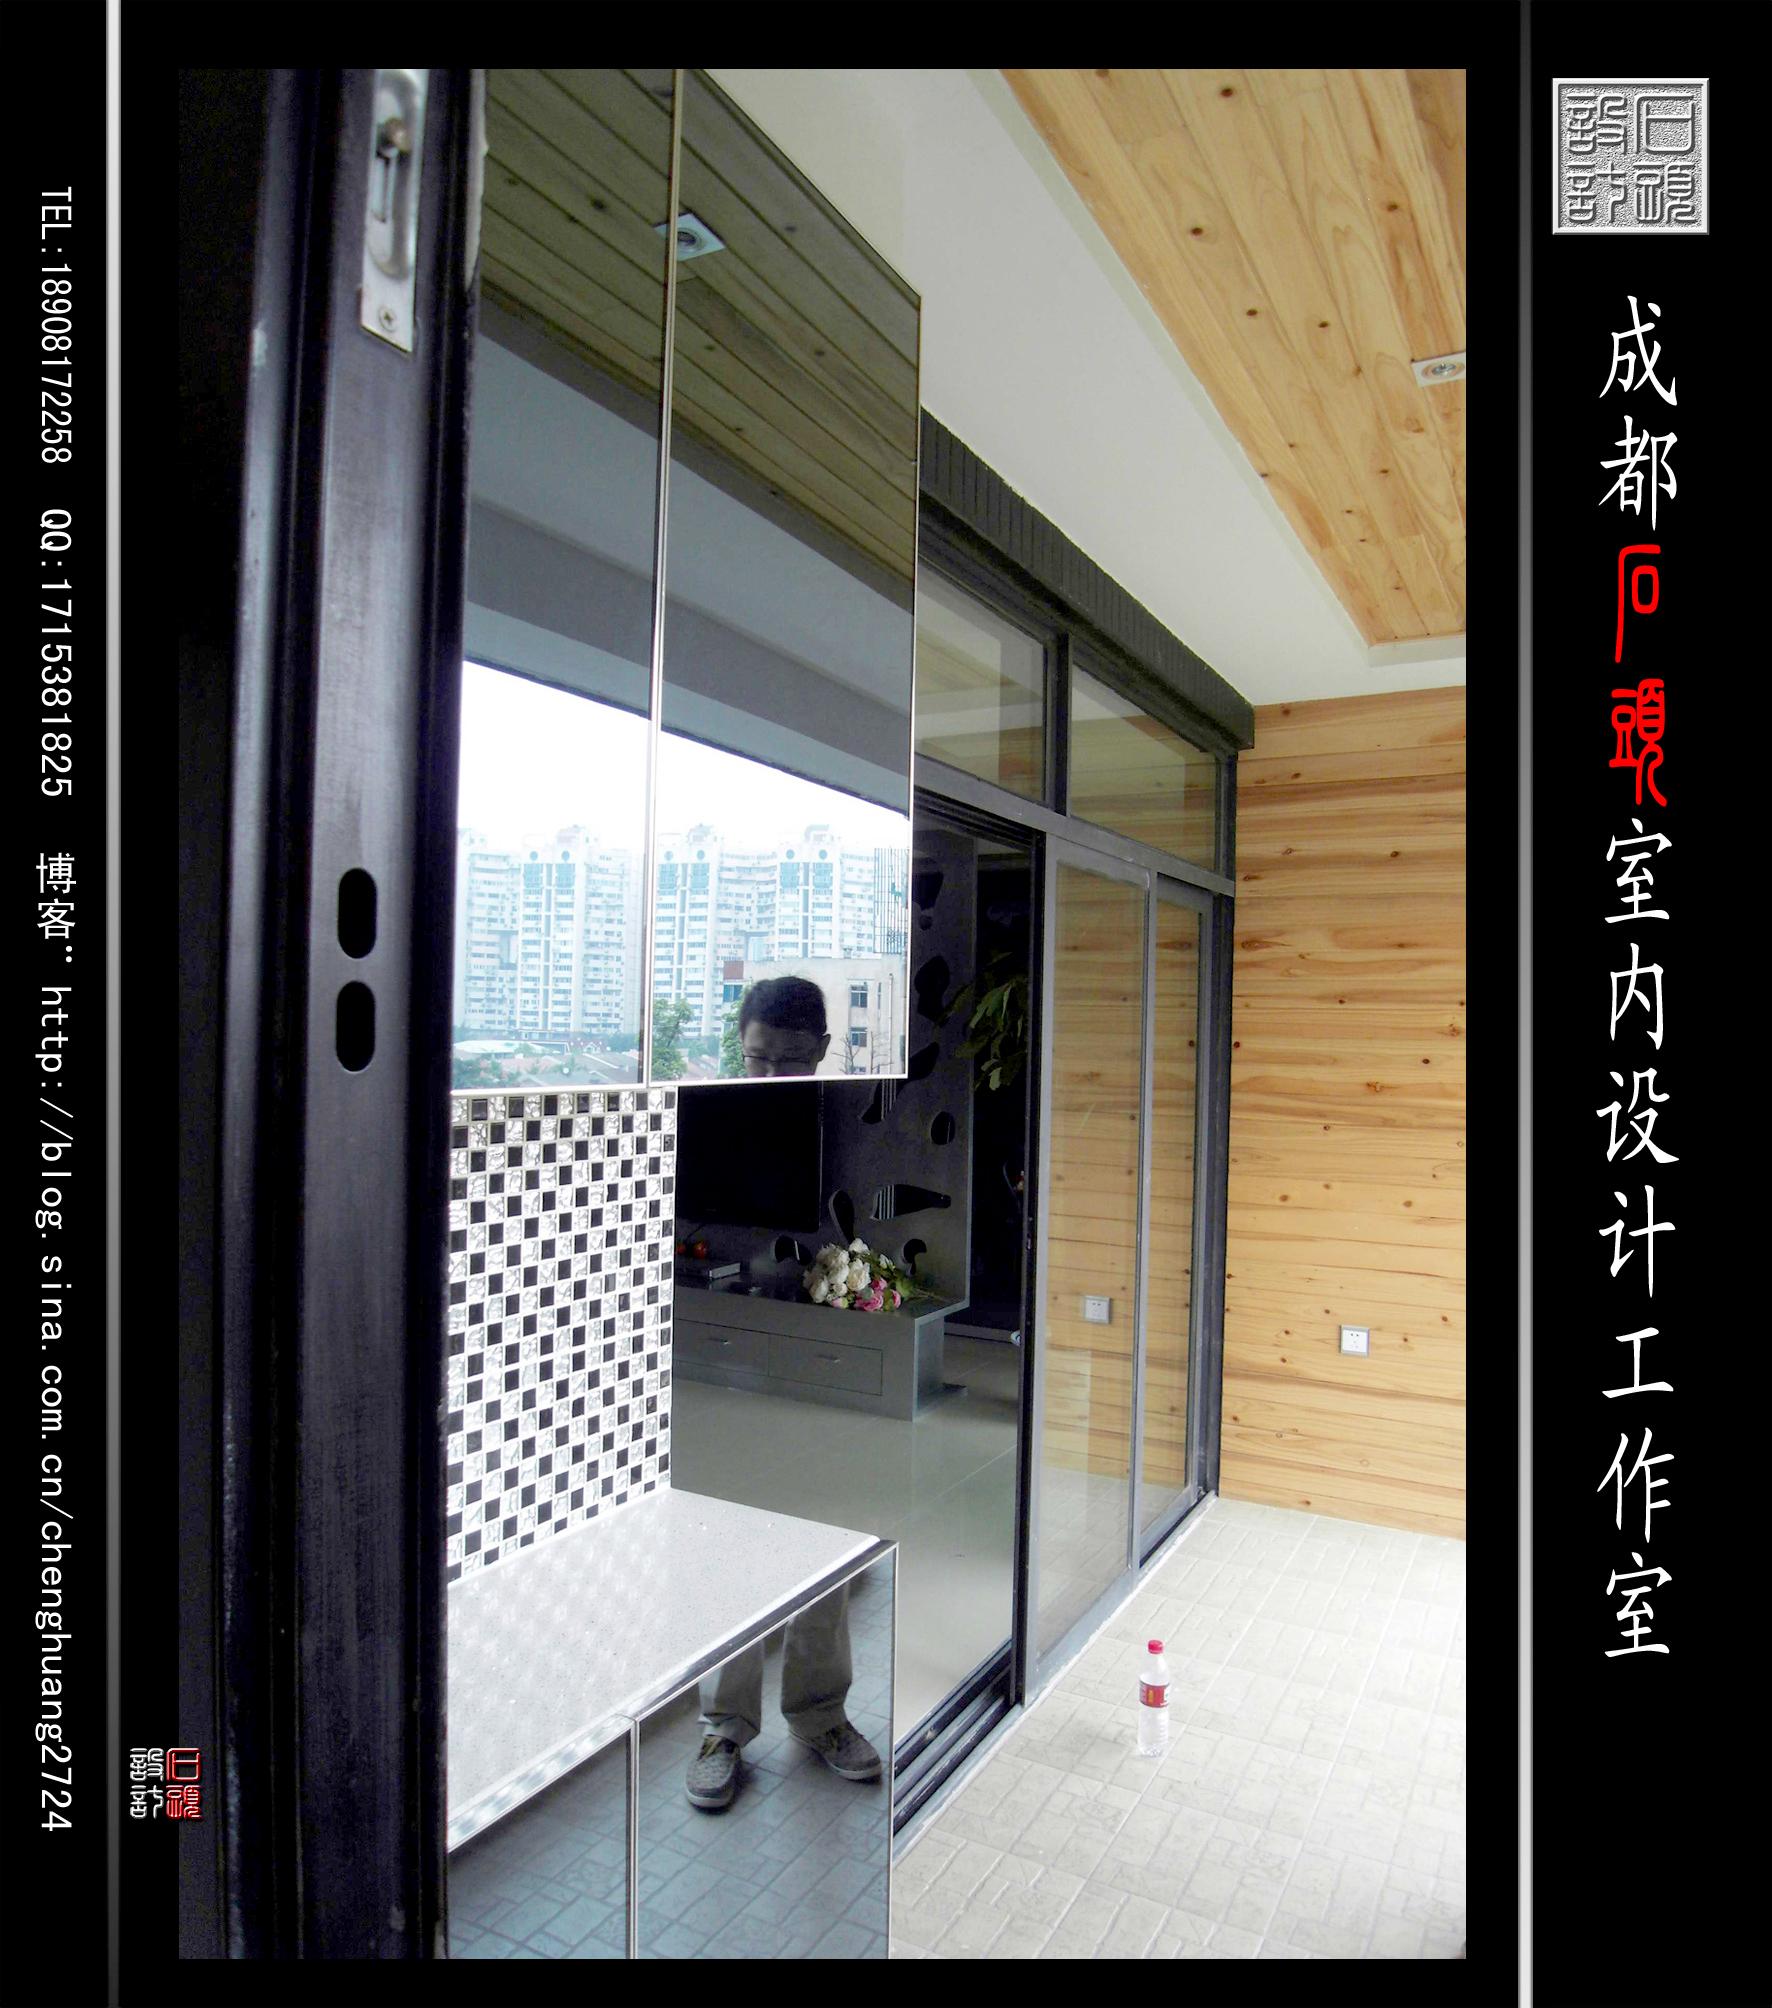 装饰设计 家装设计 家居 家装 装修 阳台图片来自成都石头室内设计家装设计工作室在首座的分享